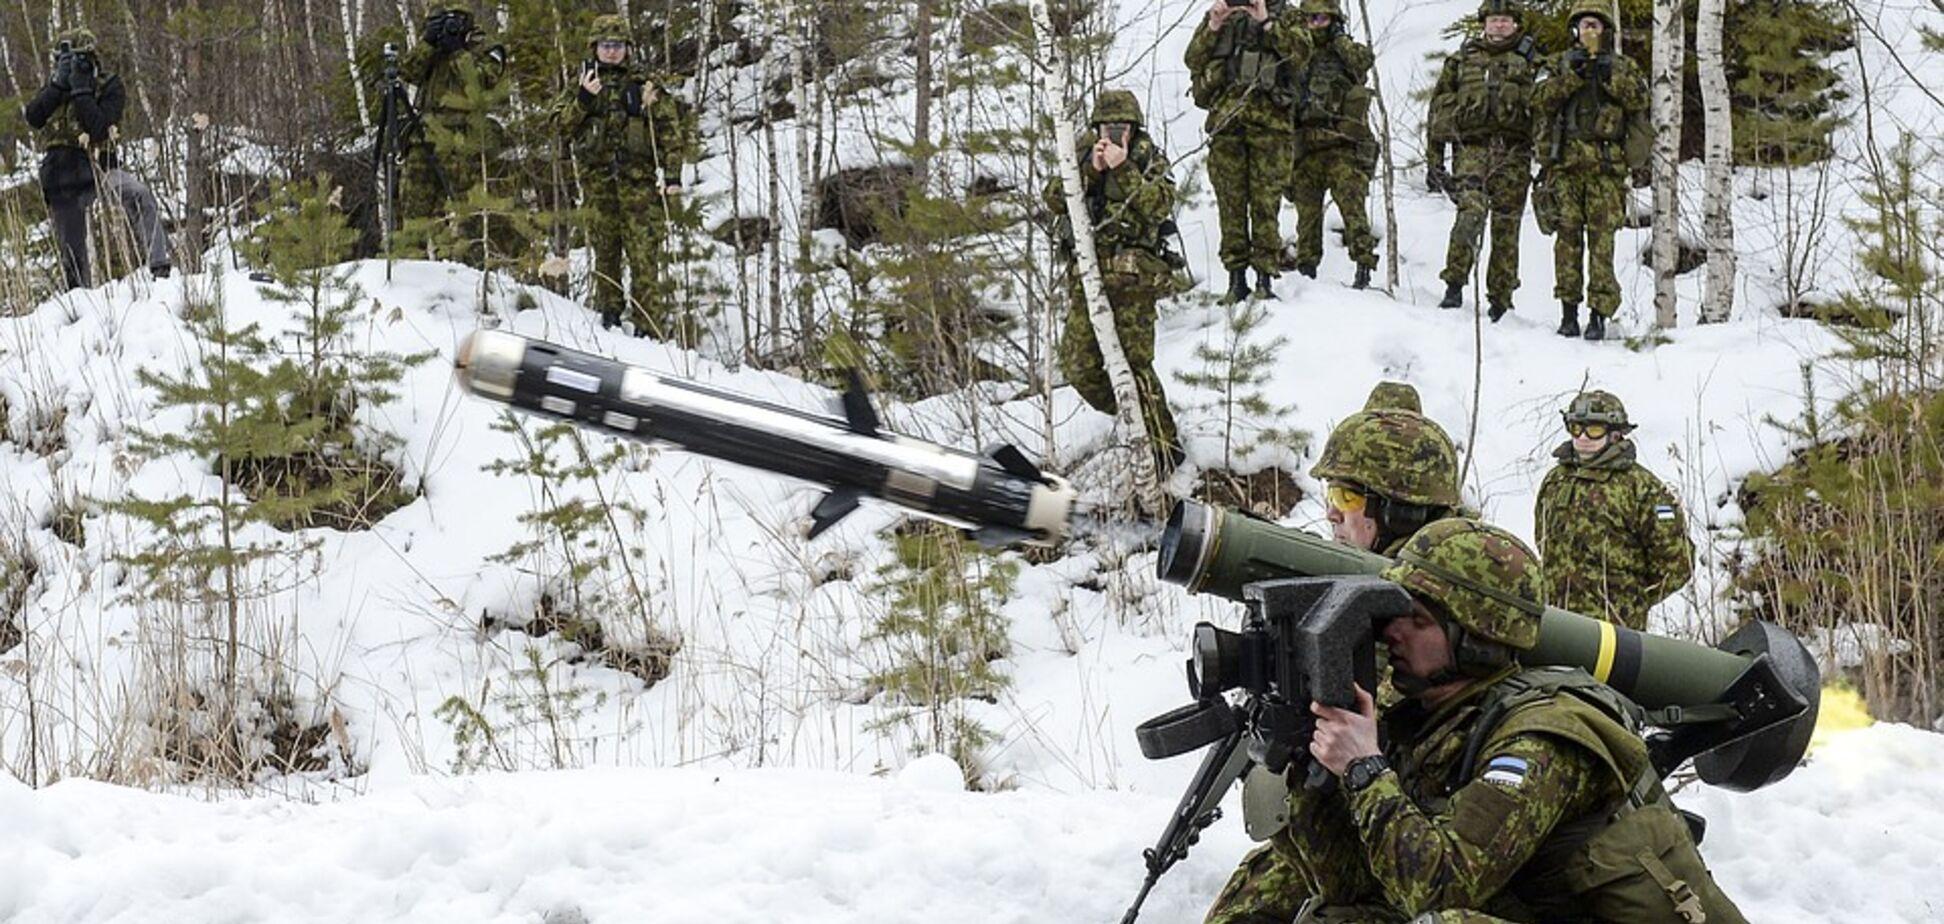 Javelin обстріляли 'ДНР'? У Порошенка відповіли Гіркину